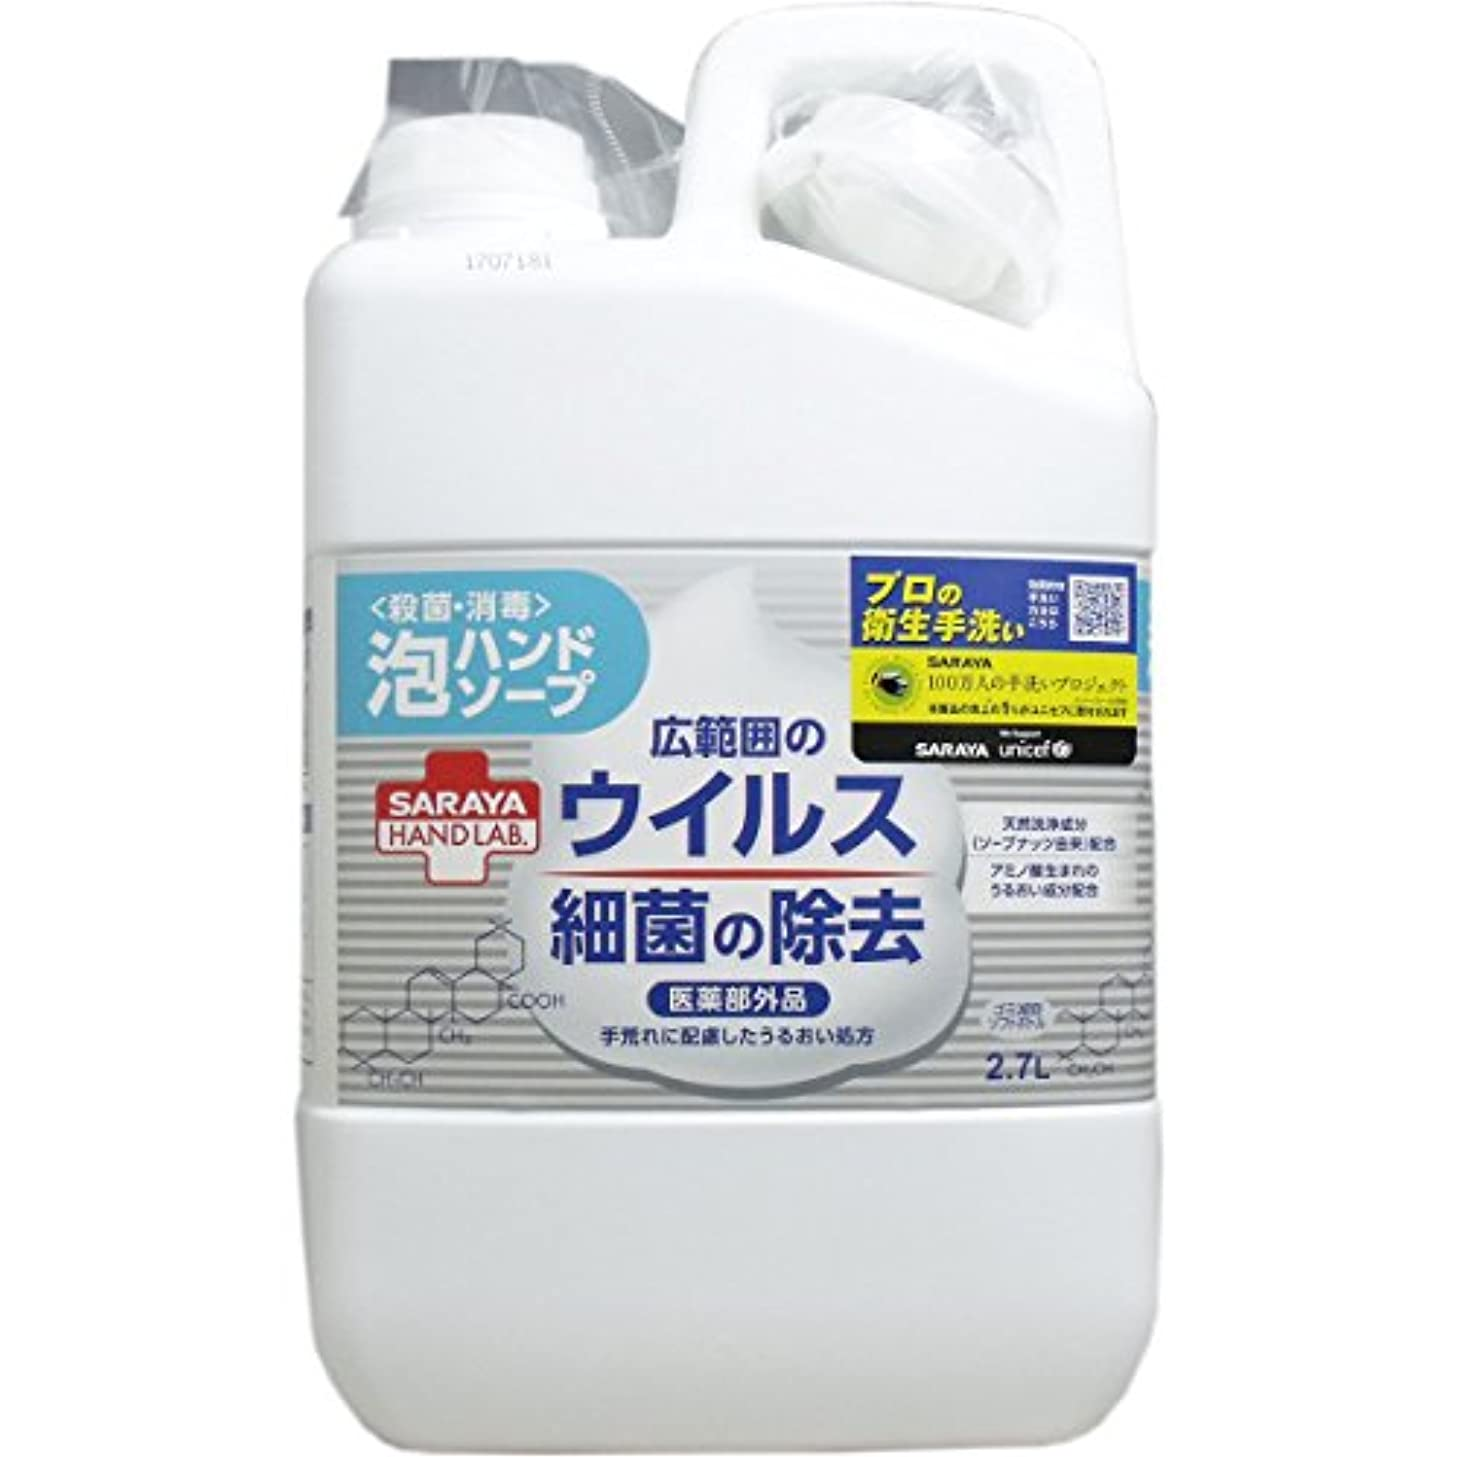 アームストロングルーフ私たちハンドラボ 薬用泡ハンドソープ 詰替用 2.7L(単品)